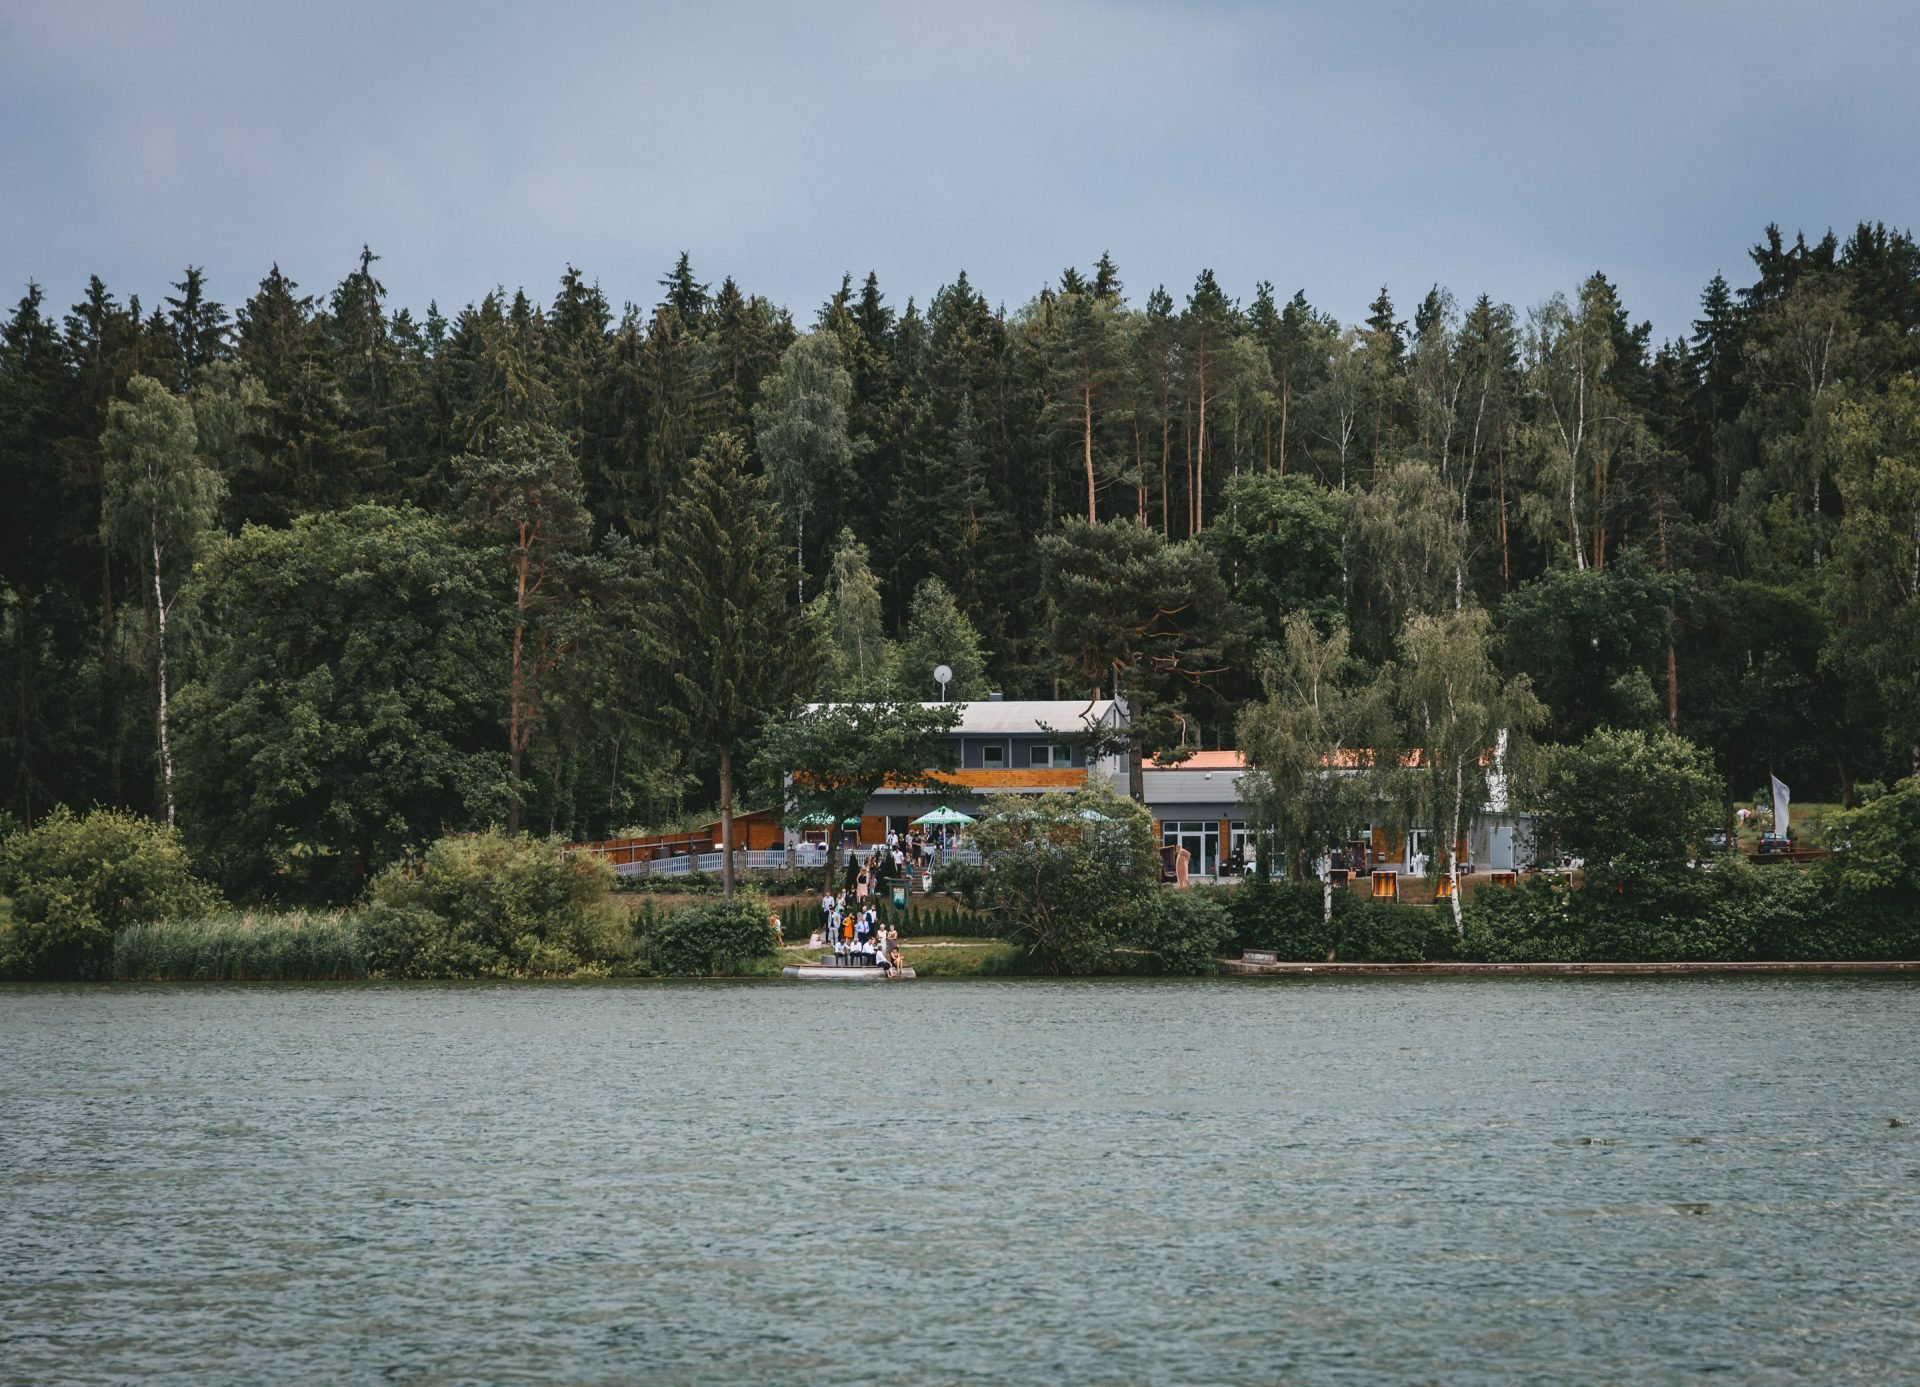 50mmfreunde Kranichfeld Hans am See Hohenfelden Hochzeit 1226 1920x1387 - Freie Trauung unter Freunden